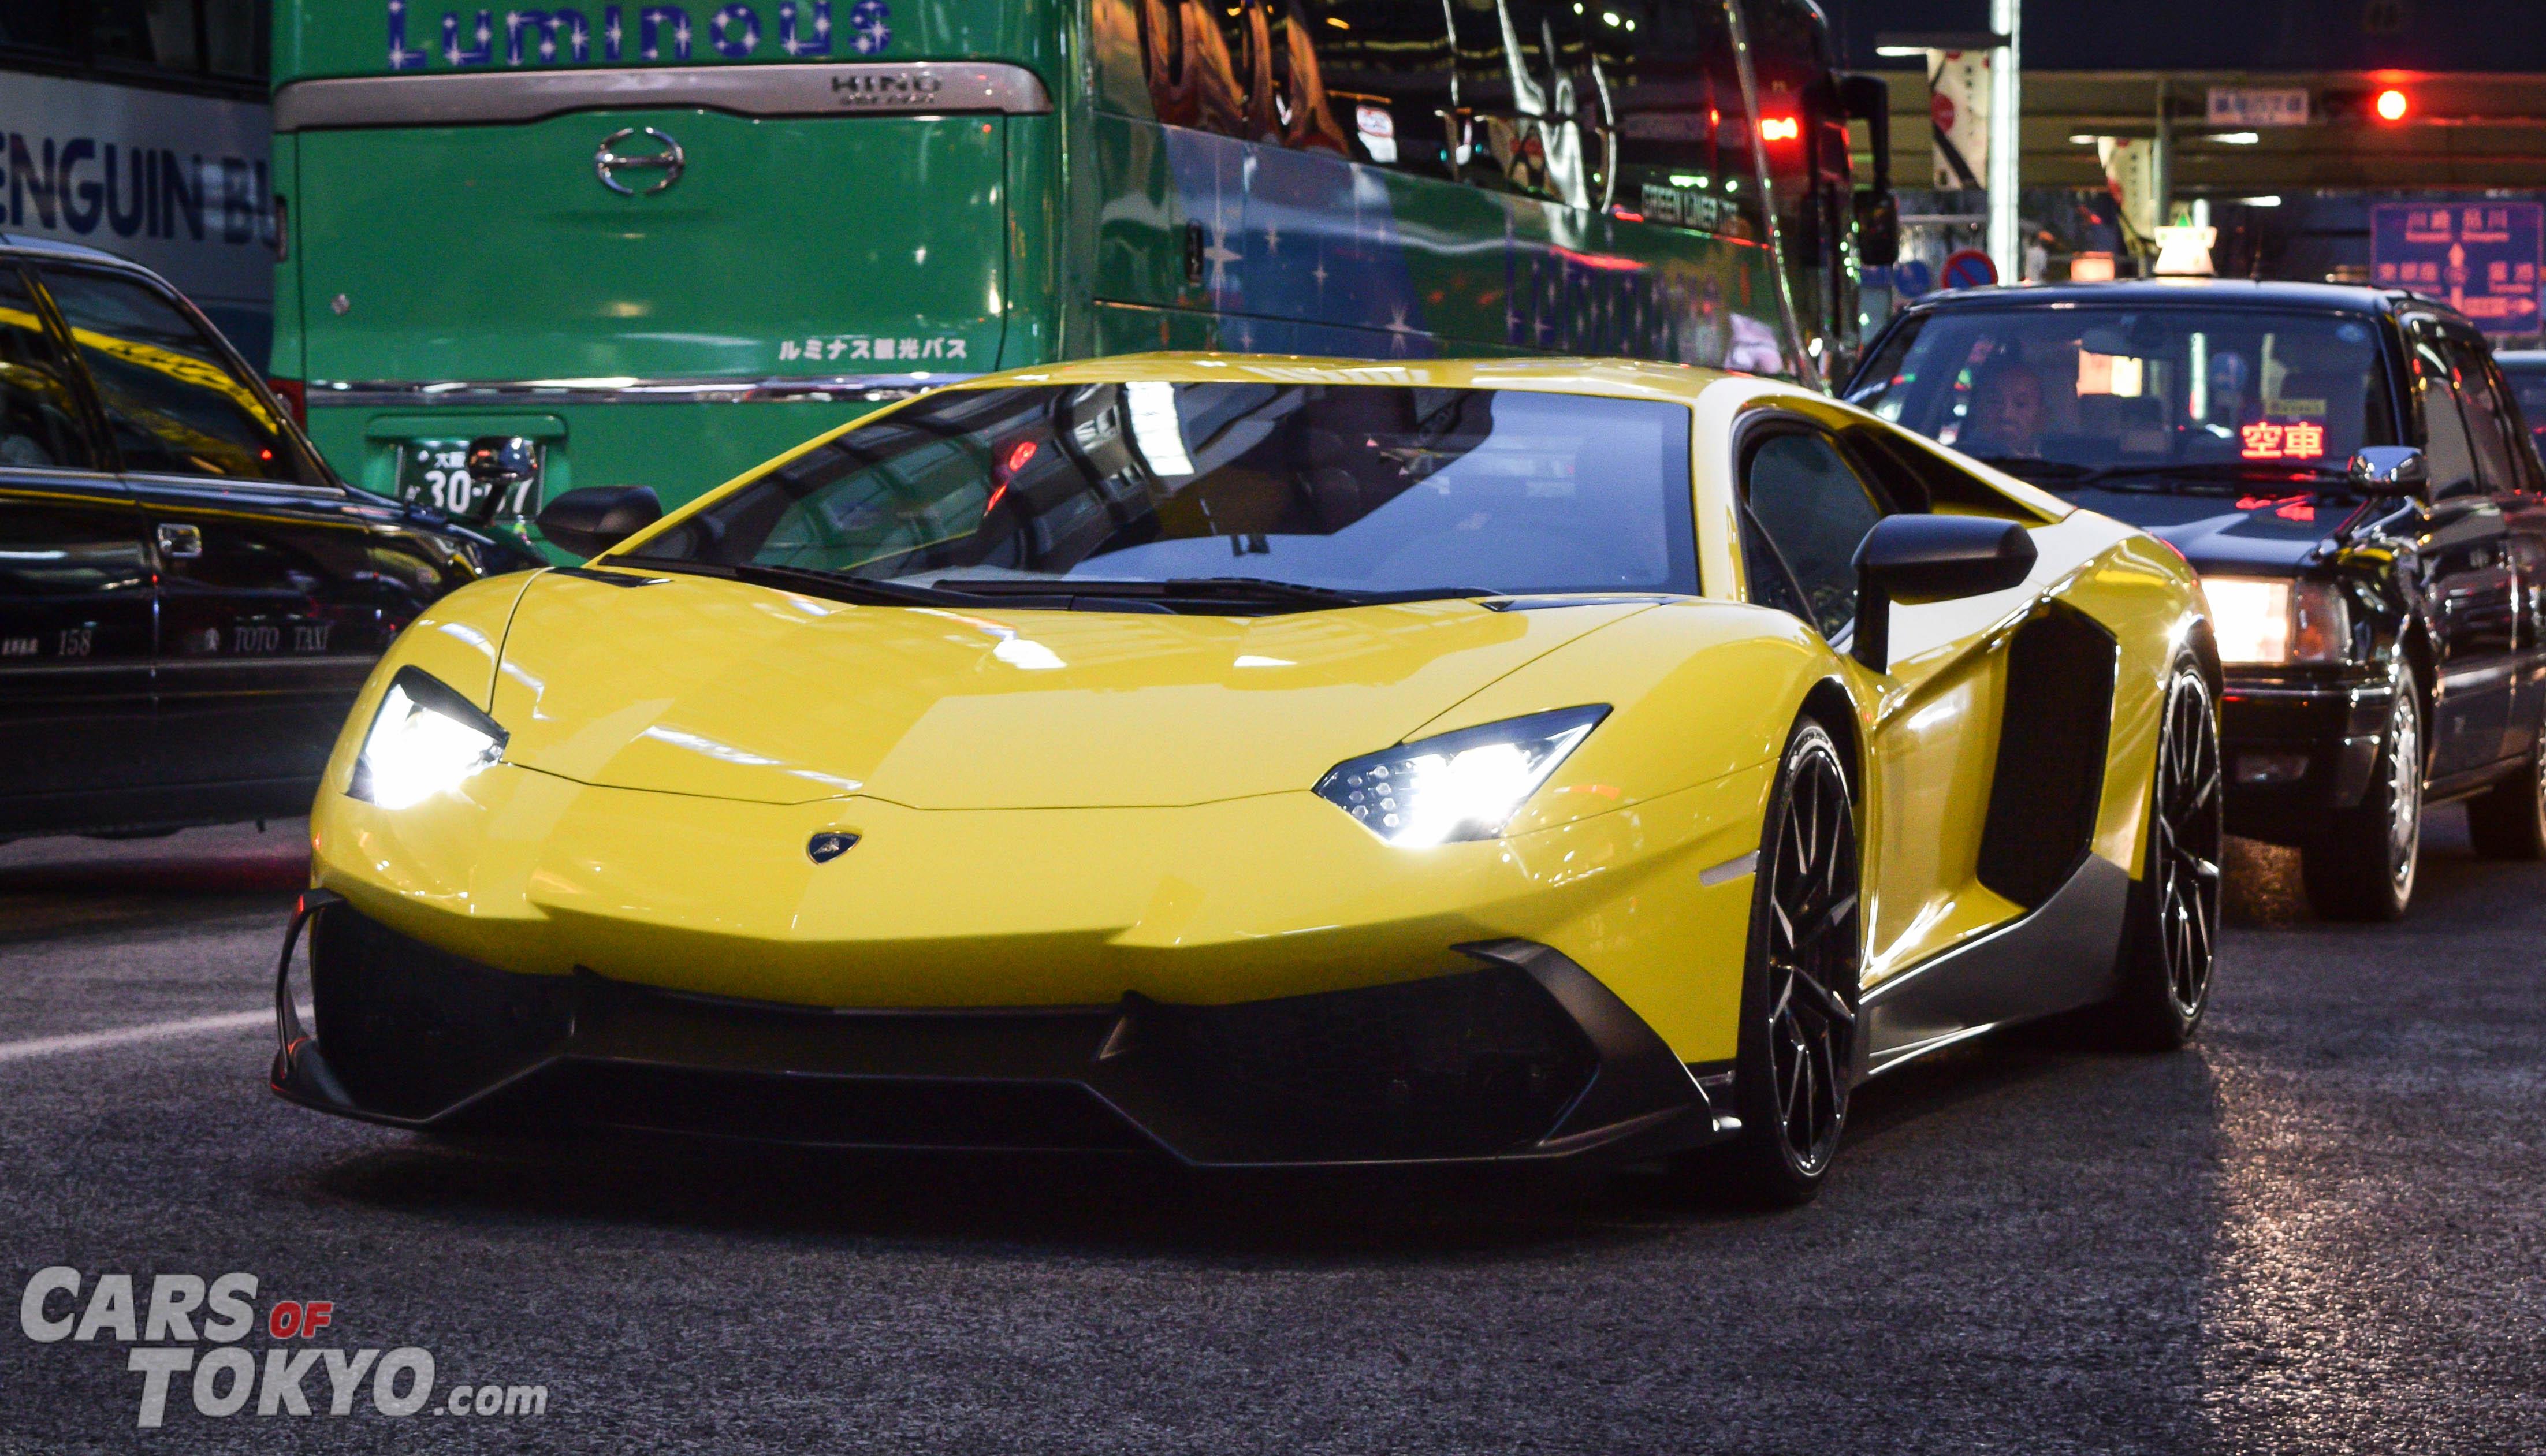 Cars of Tokyo Clean Lamborghini Aventador LP720